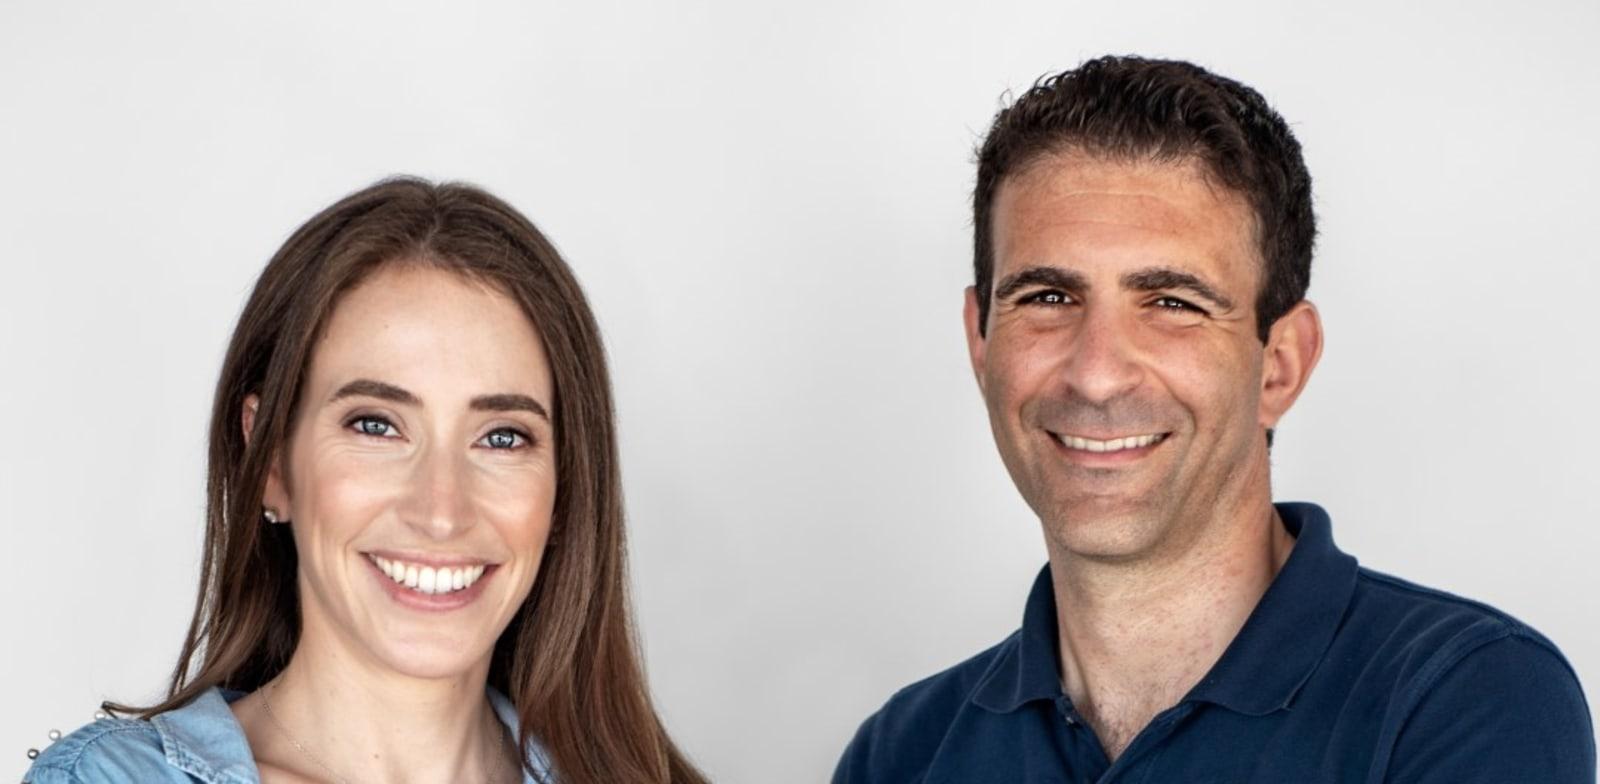 נציגי הקרן בישראל ניקול פריאל וגל גיטר / צילום: Elisa Szklanny